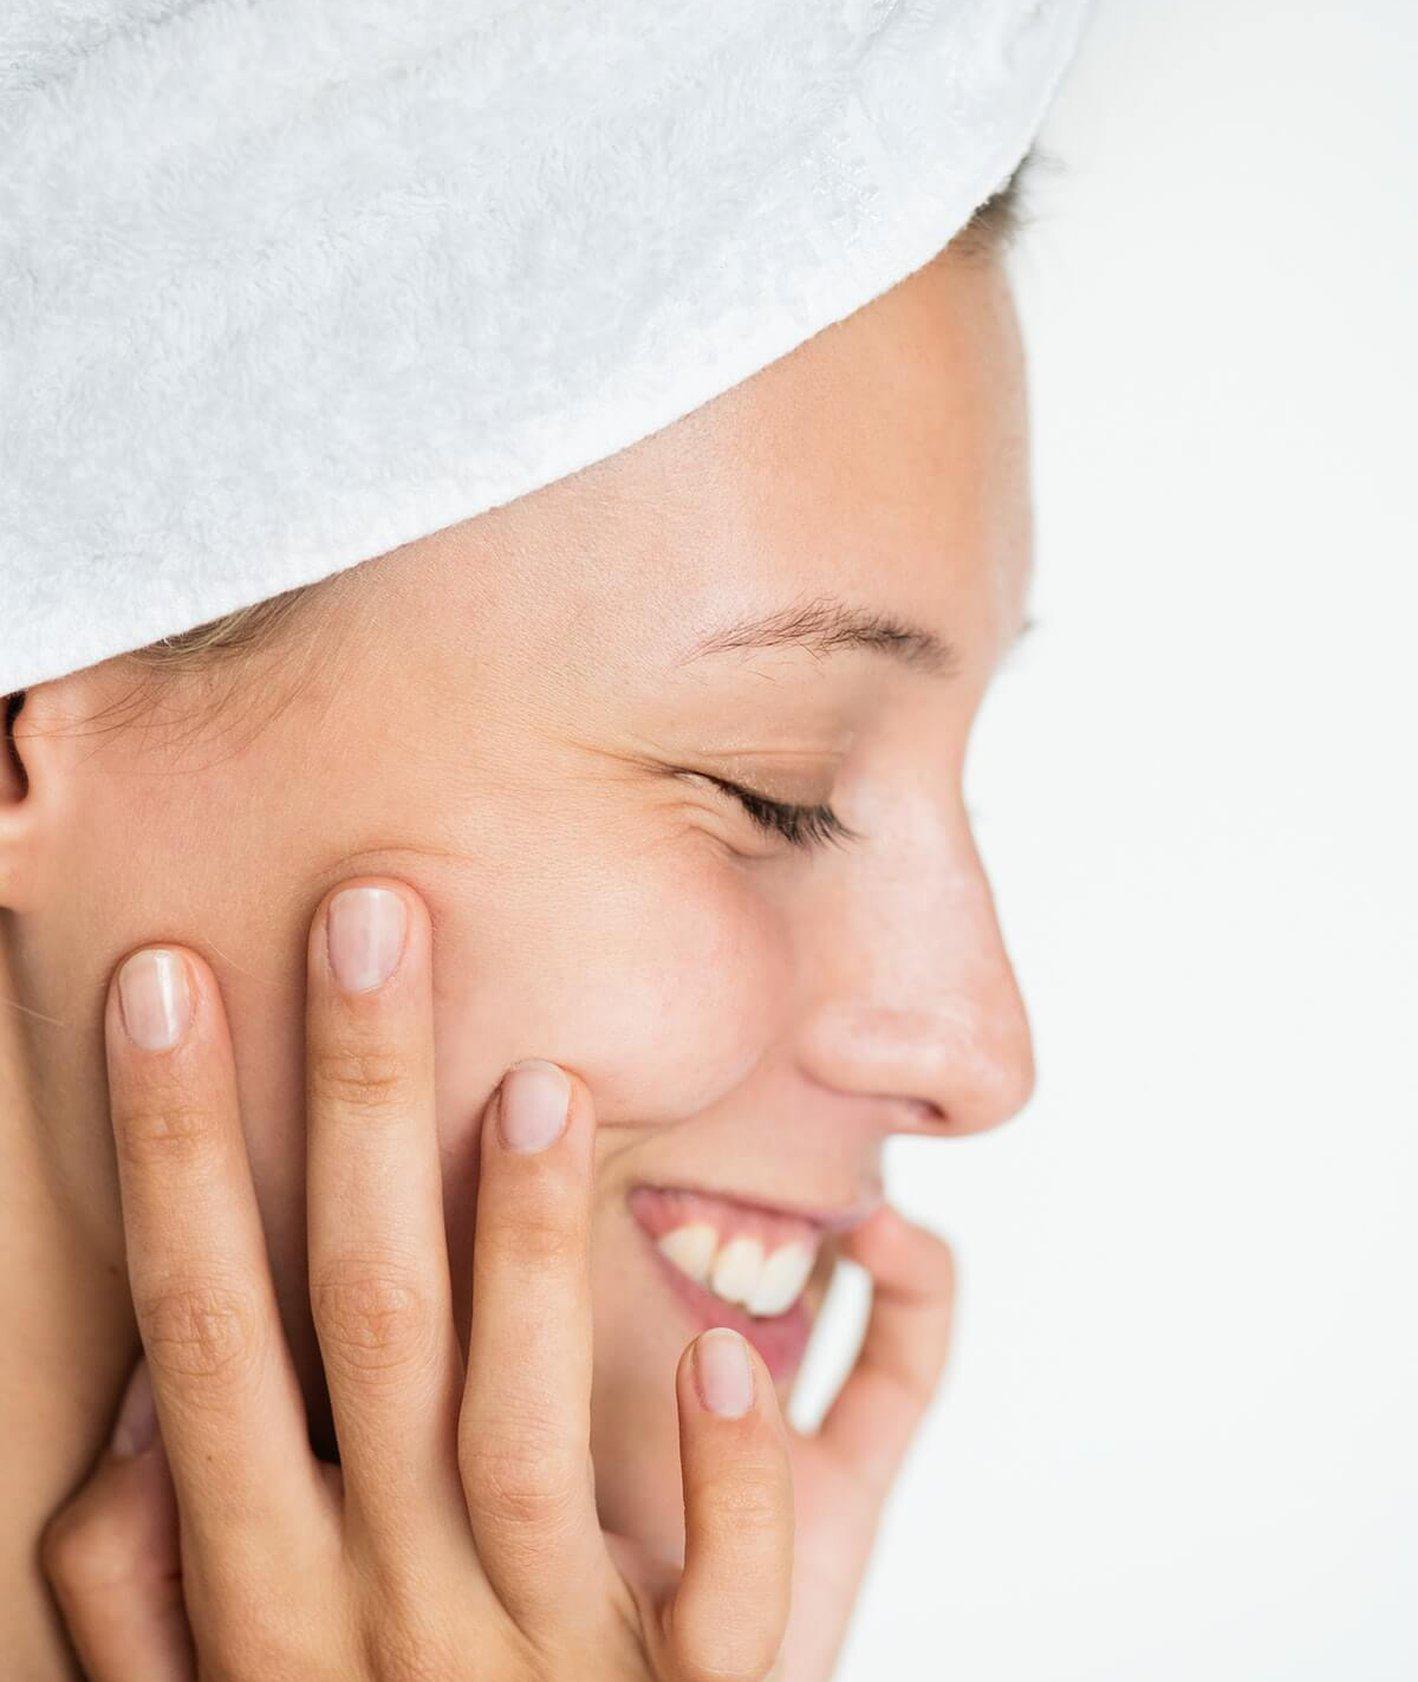 Pielęgnacja skóry (fot. Ake)